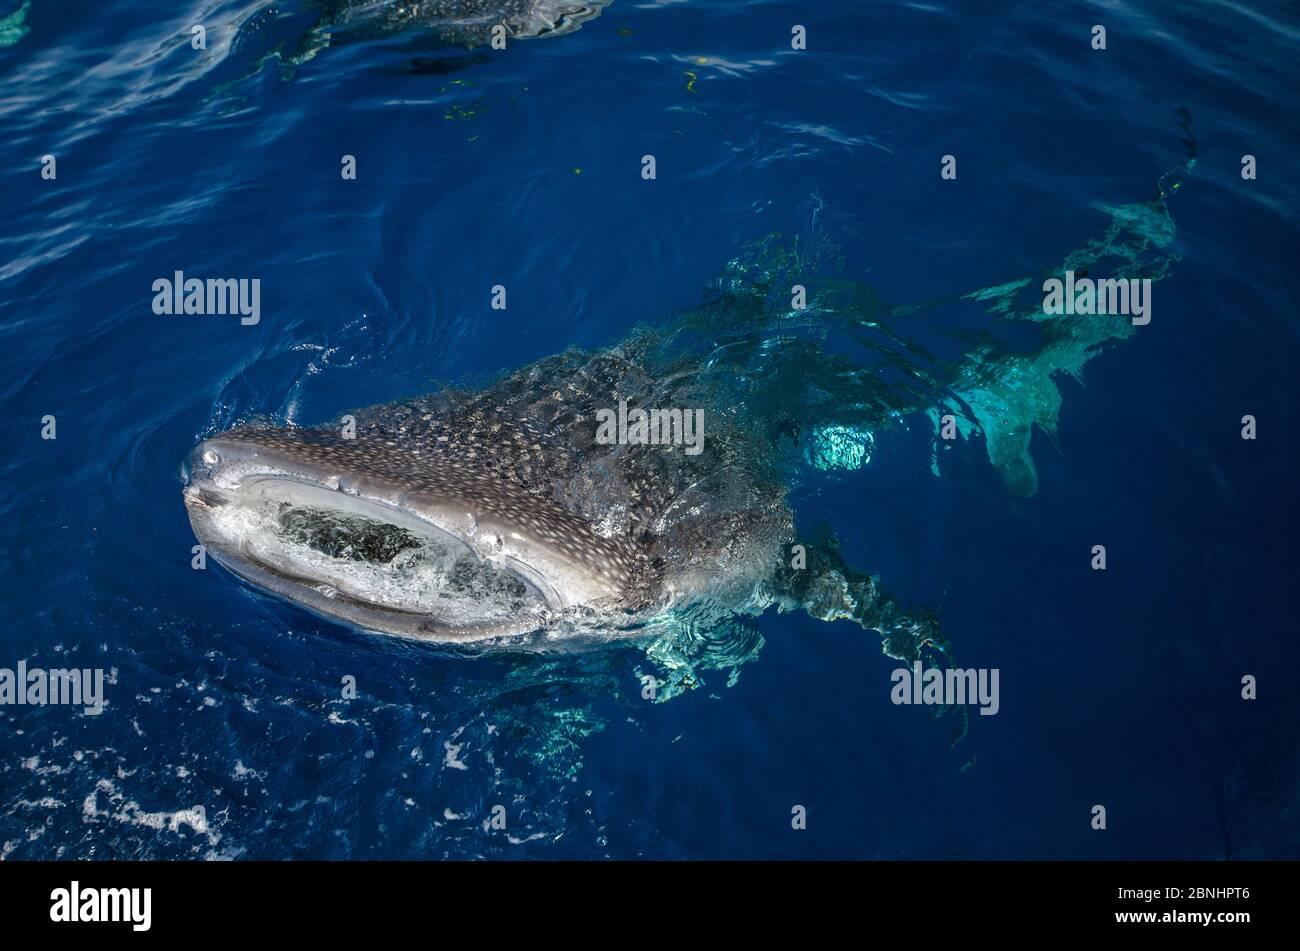 Requin-baleine (Rhincodon typus) près de la surface, vues de dessus, à la baie Cenderawasih, en Papouasie occidentale. L'Indonésie. Banque D'Images